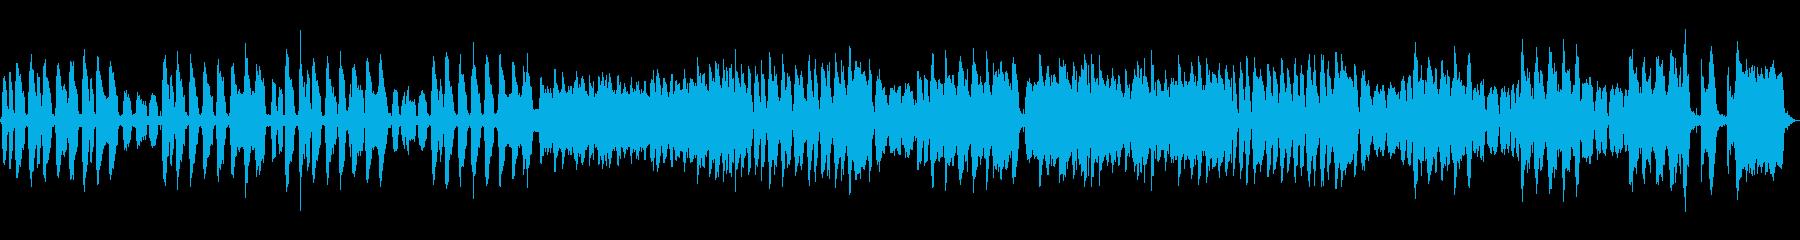 カリオペ:伝統的なドイツの歌の再生済みの波形